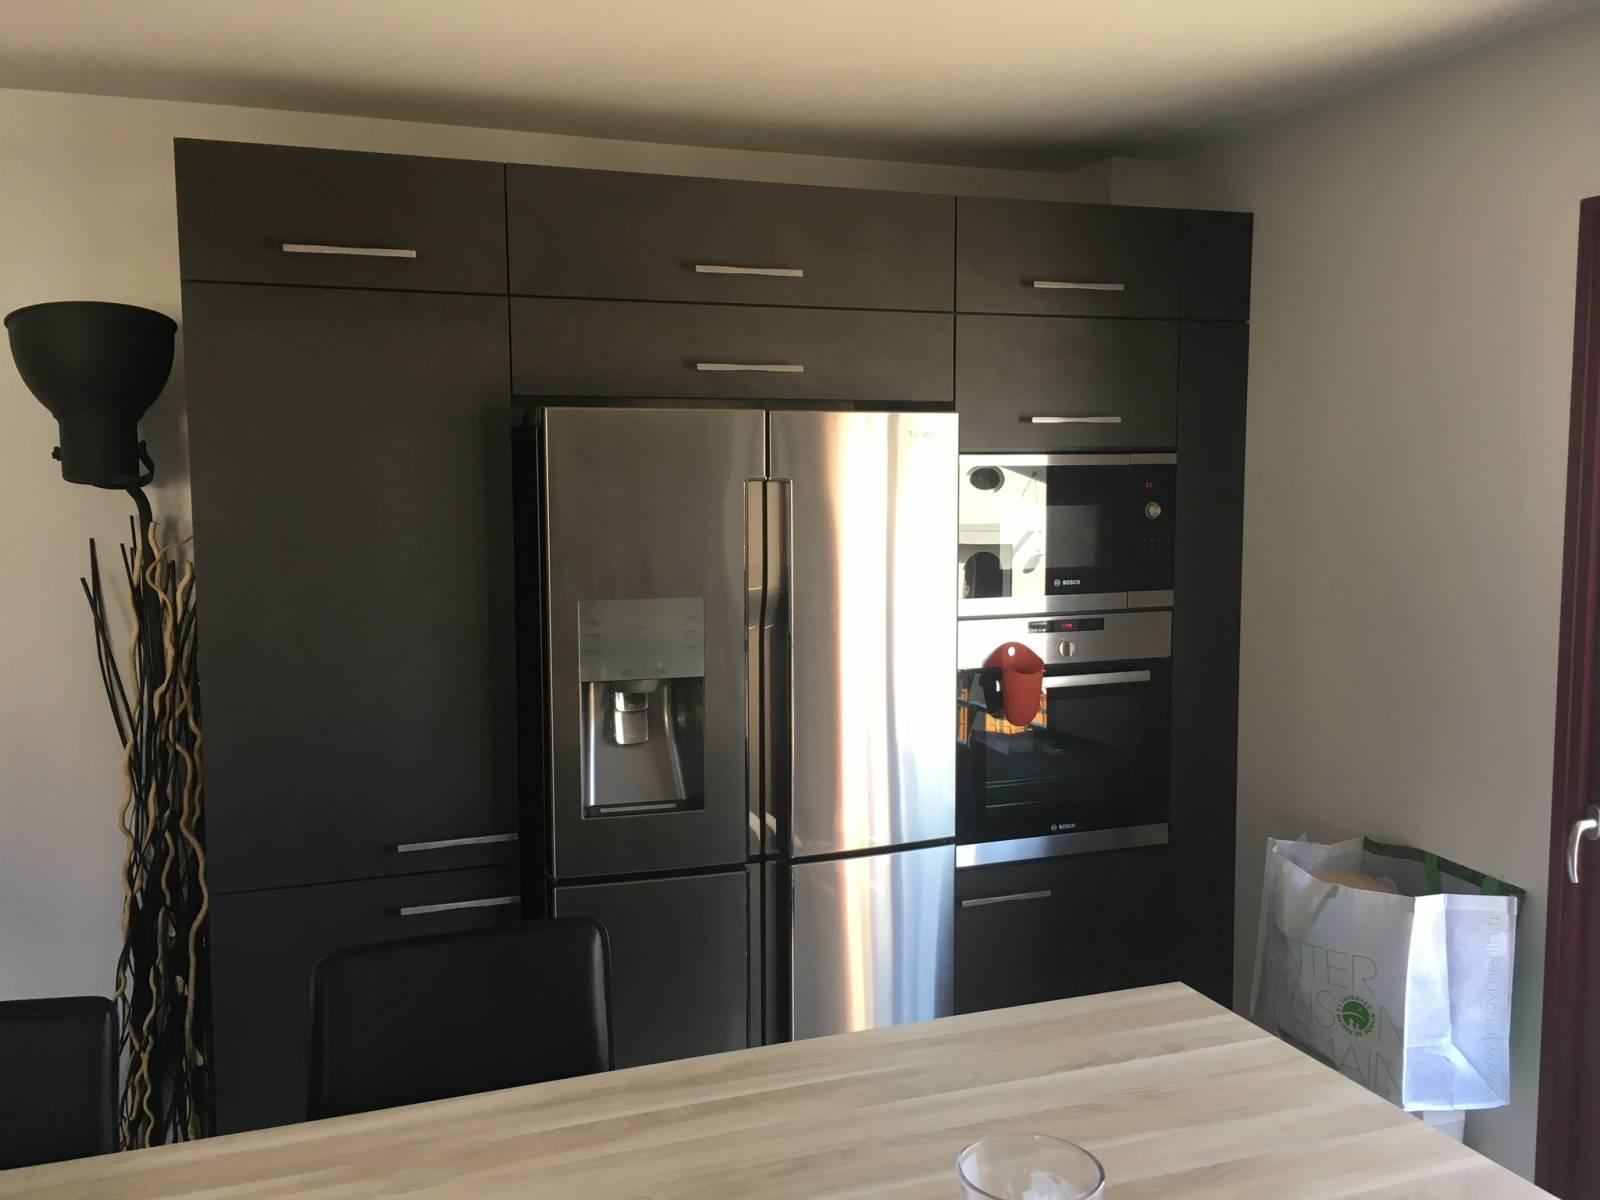 cuisine noire et bois a saint priest cuisiniste haut de gamme lyon am nagement cuisine. Black Bedroom Furniture Sets. Home Design Ideas